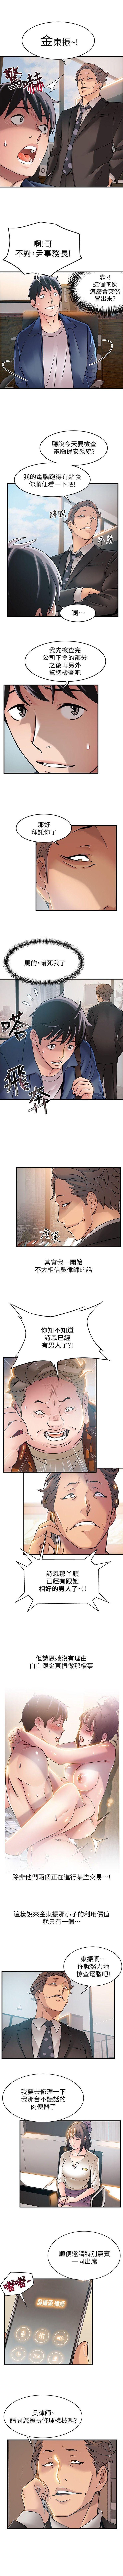 弱點 1-101 官方中文(連載中) 148